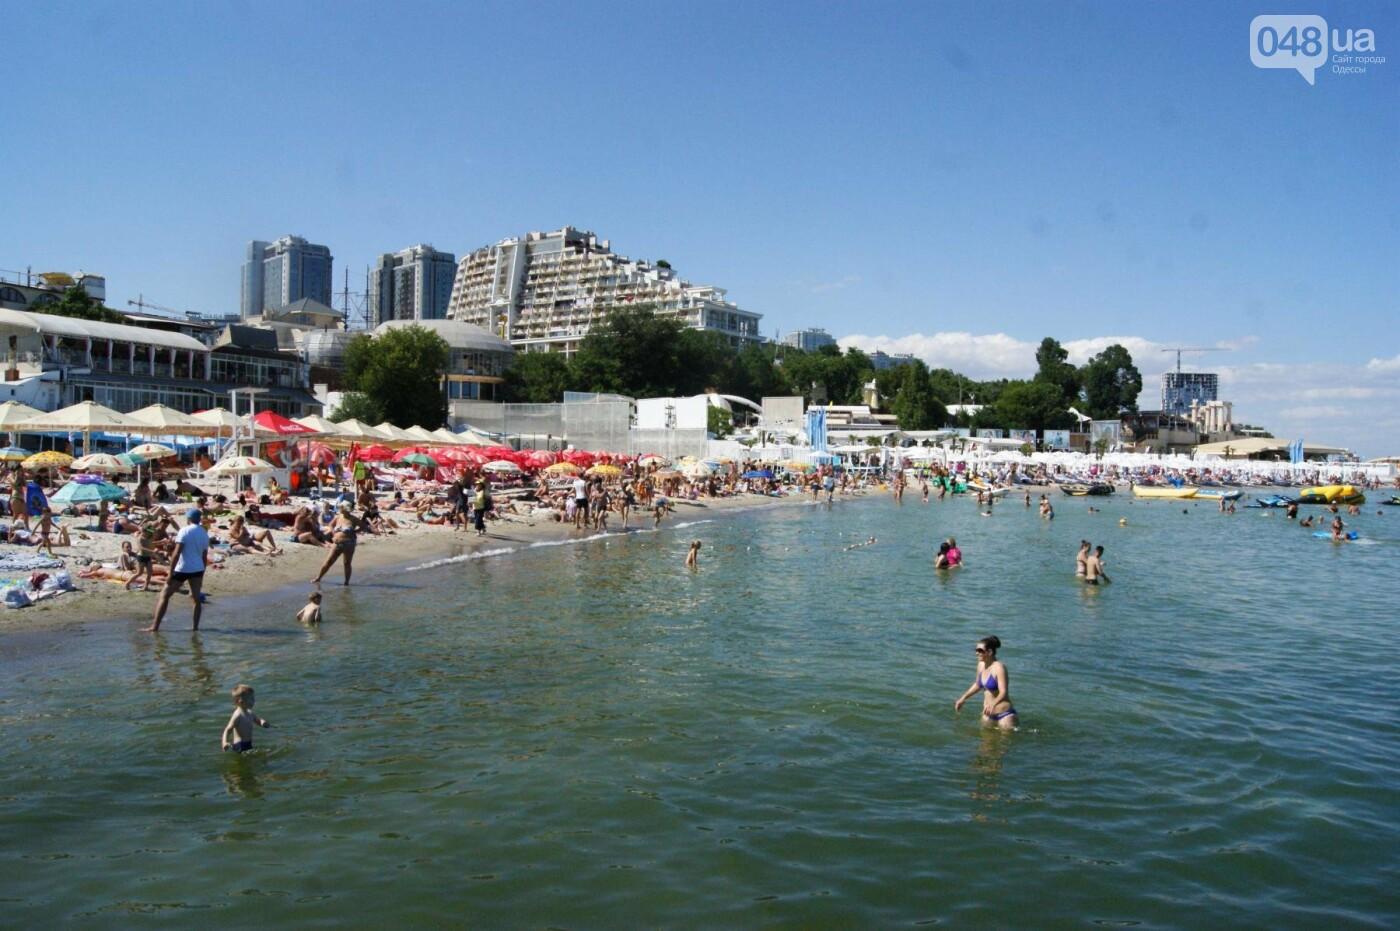 Неприличная Аркадия: что и почем на самом пафосном курорте Одессы, - ФОТОРЕПОРТАЖ, фото-8